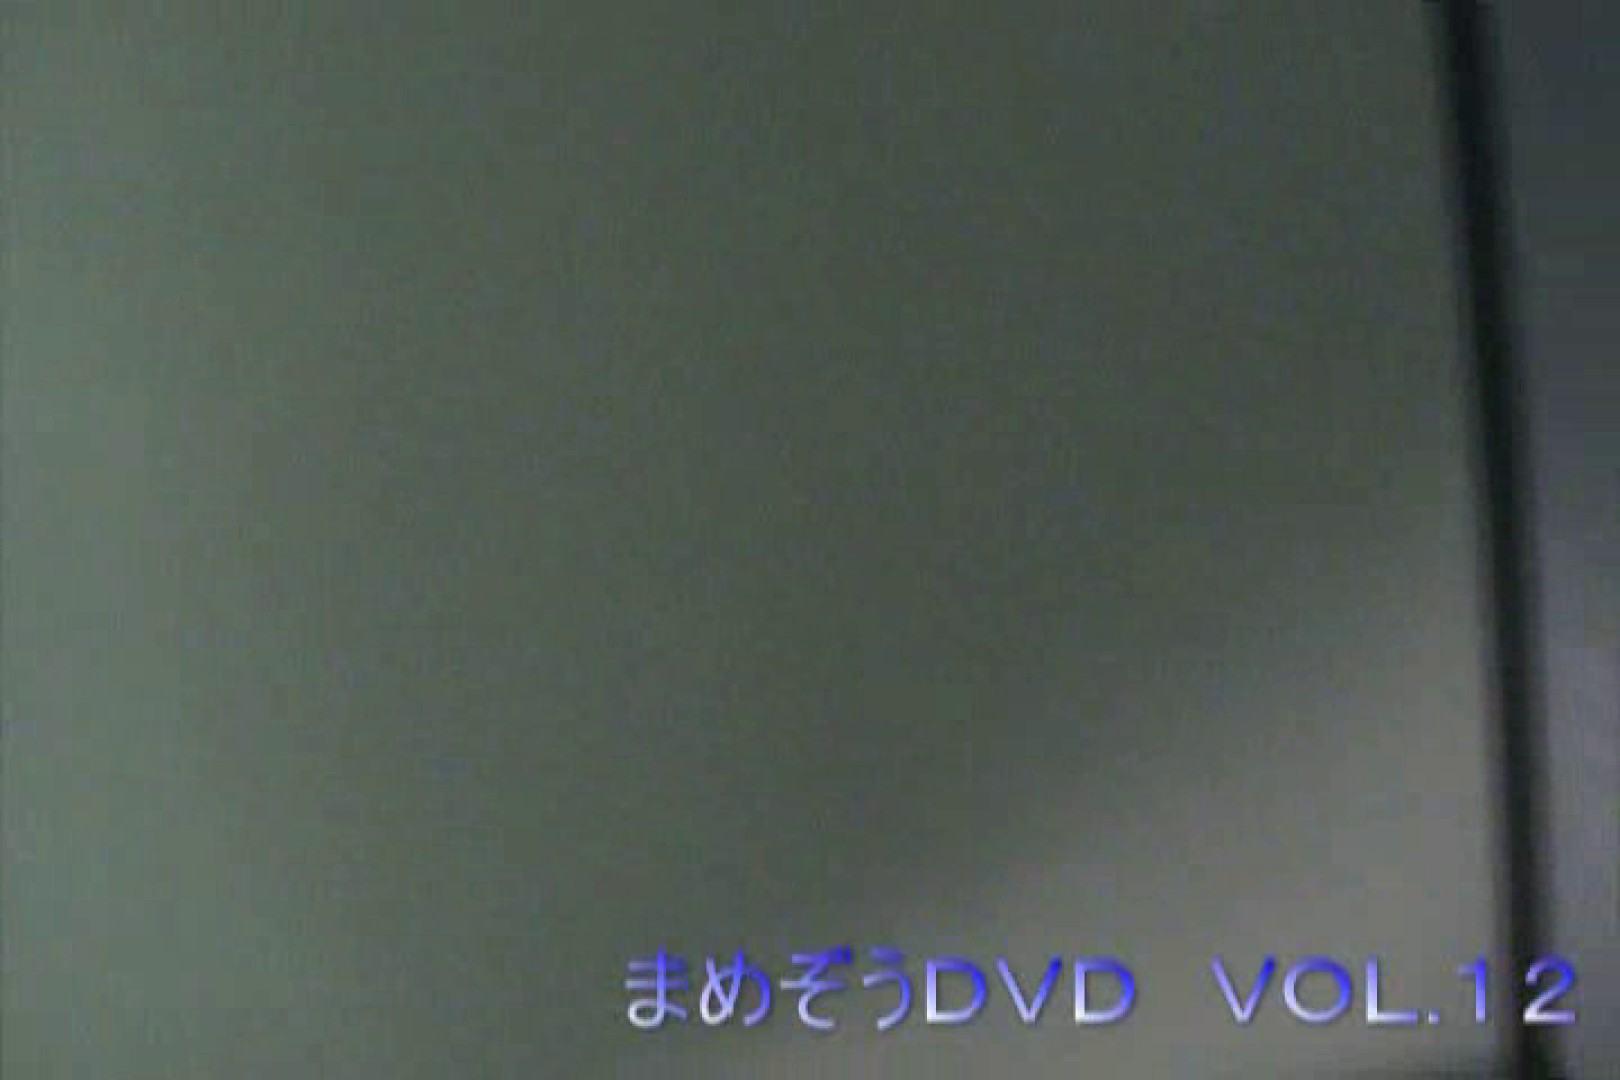 まめぞうDVD完全版VOL.12 ギャルズ | 洗面所シーン  83画像 1